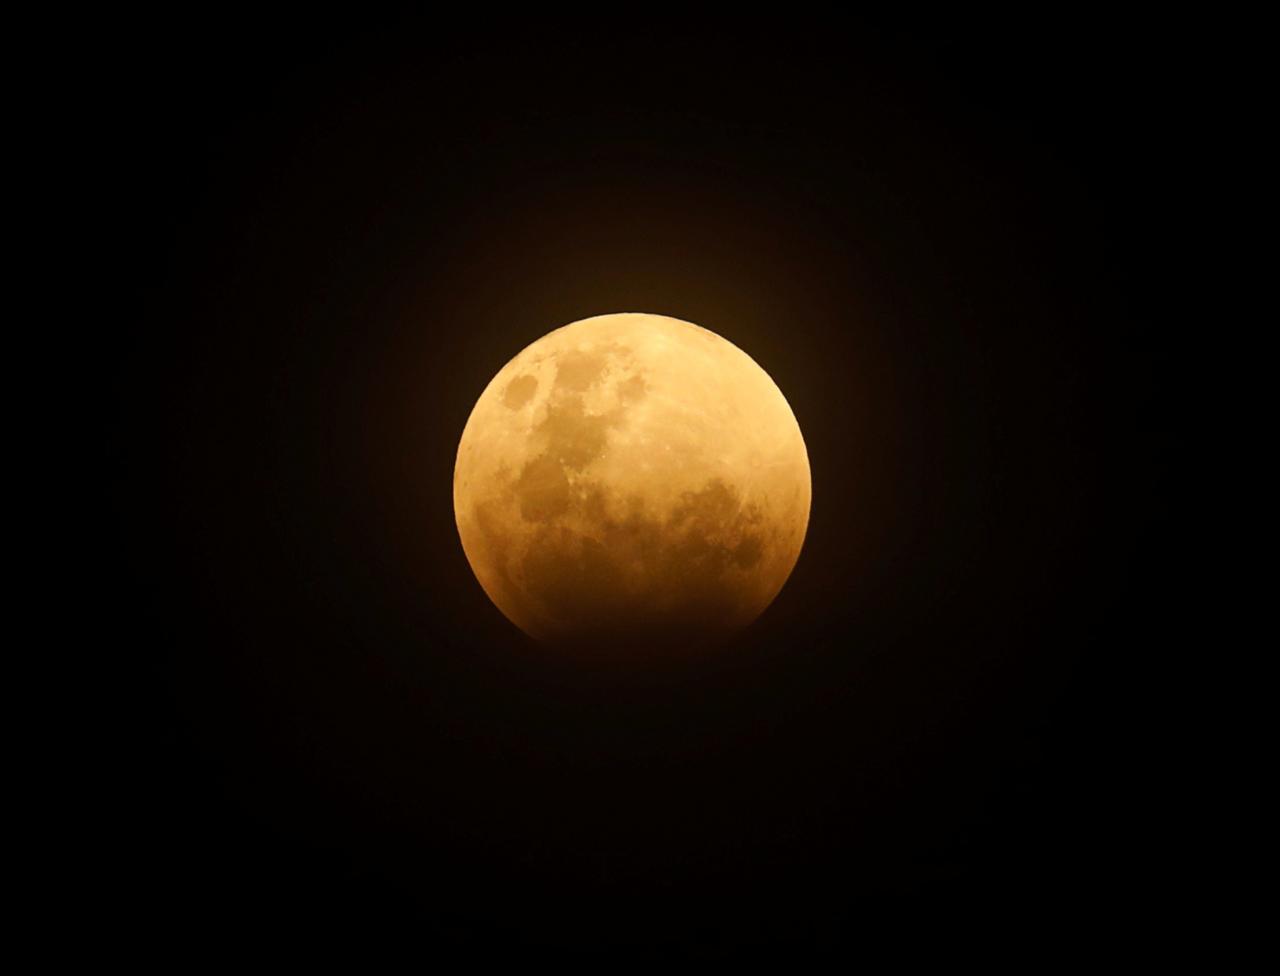 بالصور صور القمر العملاق , اجمل صور للقمر الرائع 12303 9